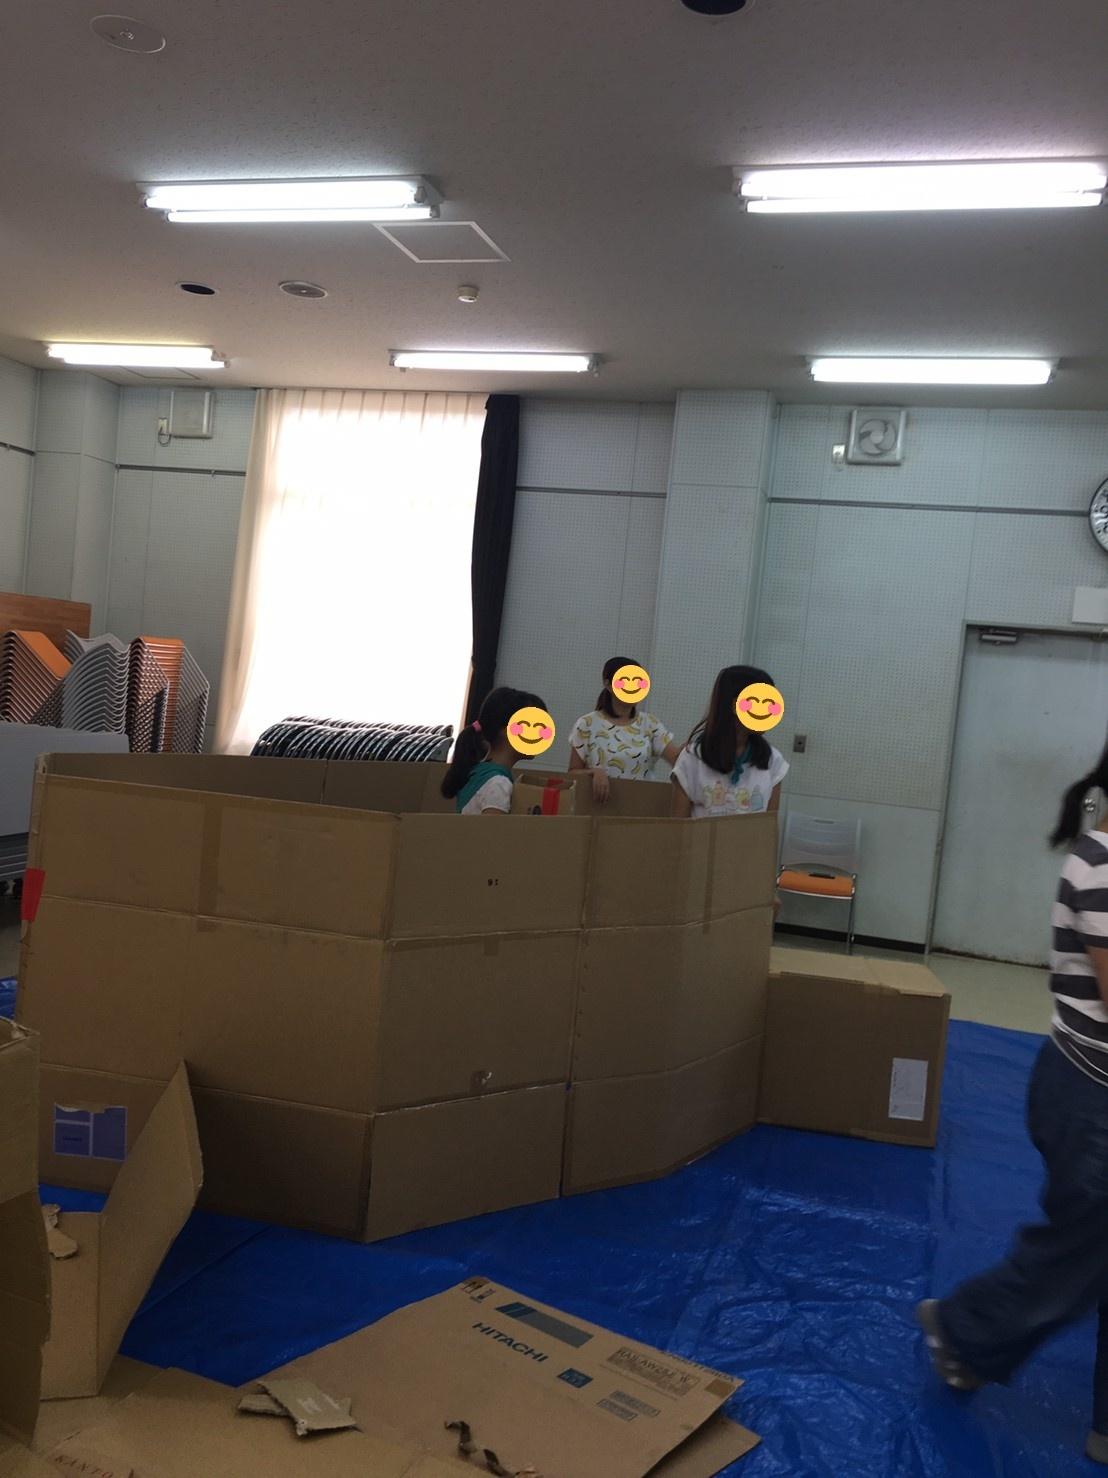 2019/9/8 ダンボールハウス作り_e0123469_20114693.jpeg